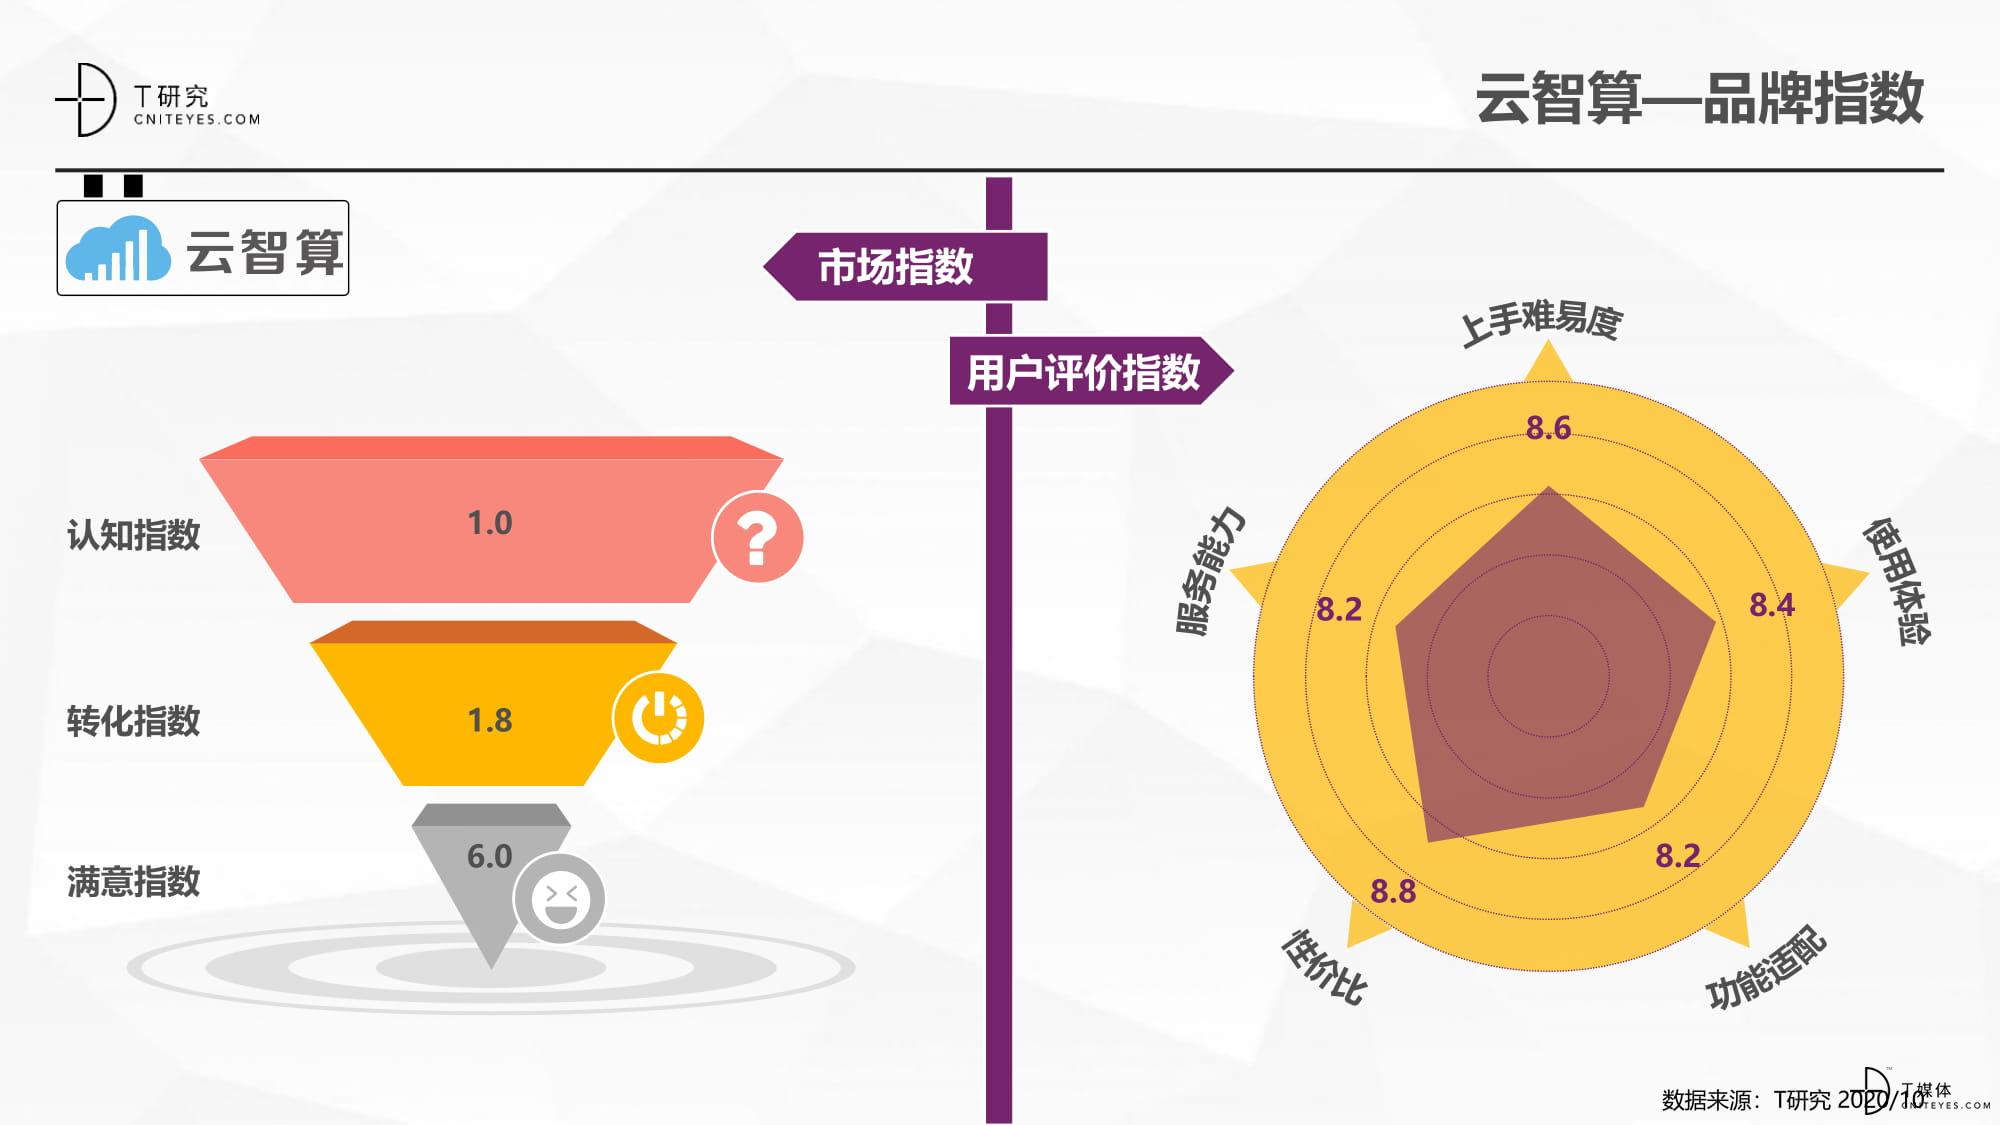 2020中国BI指数测评报告-33.jpg